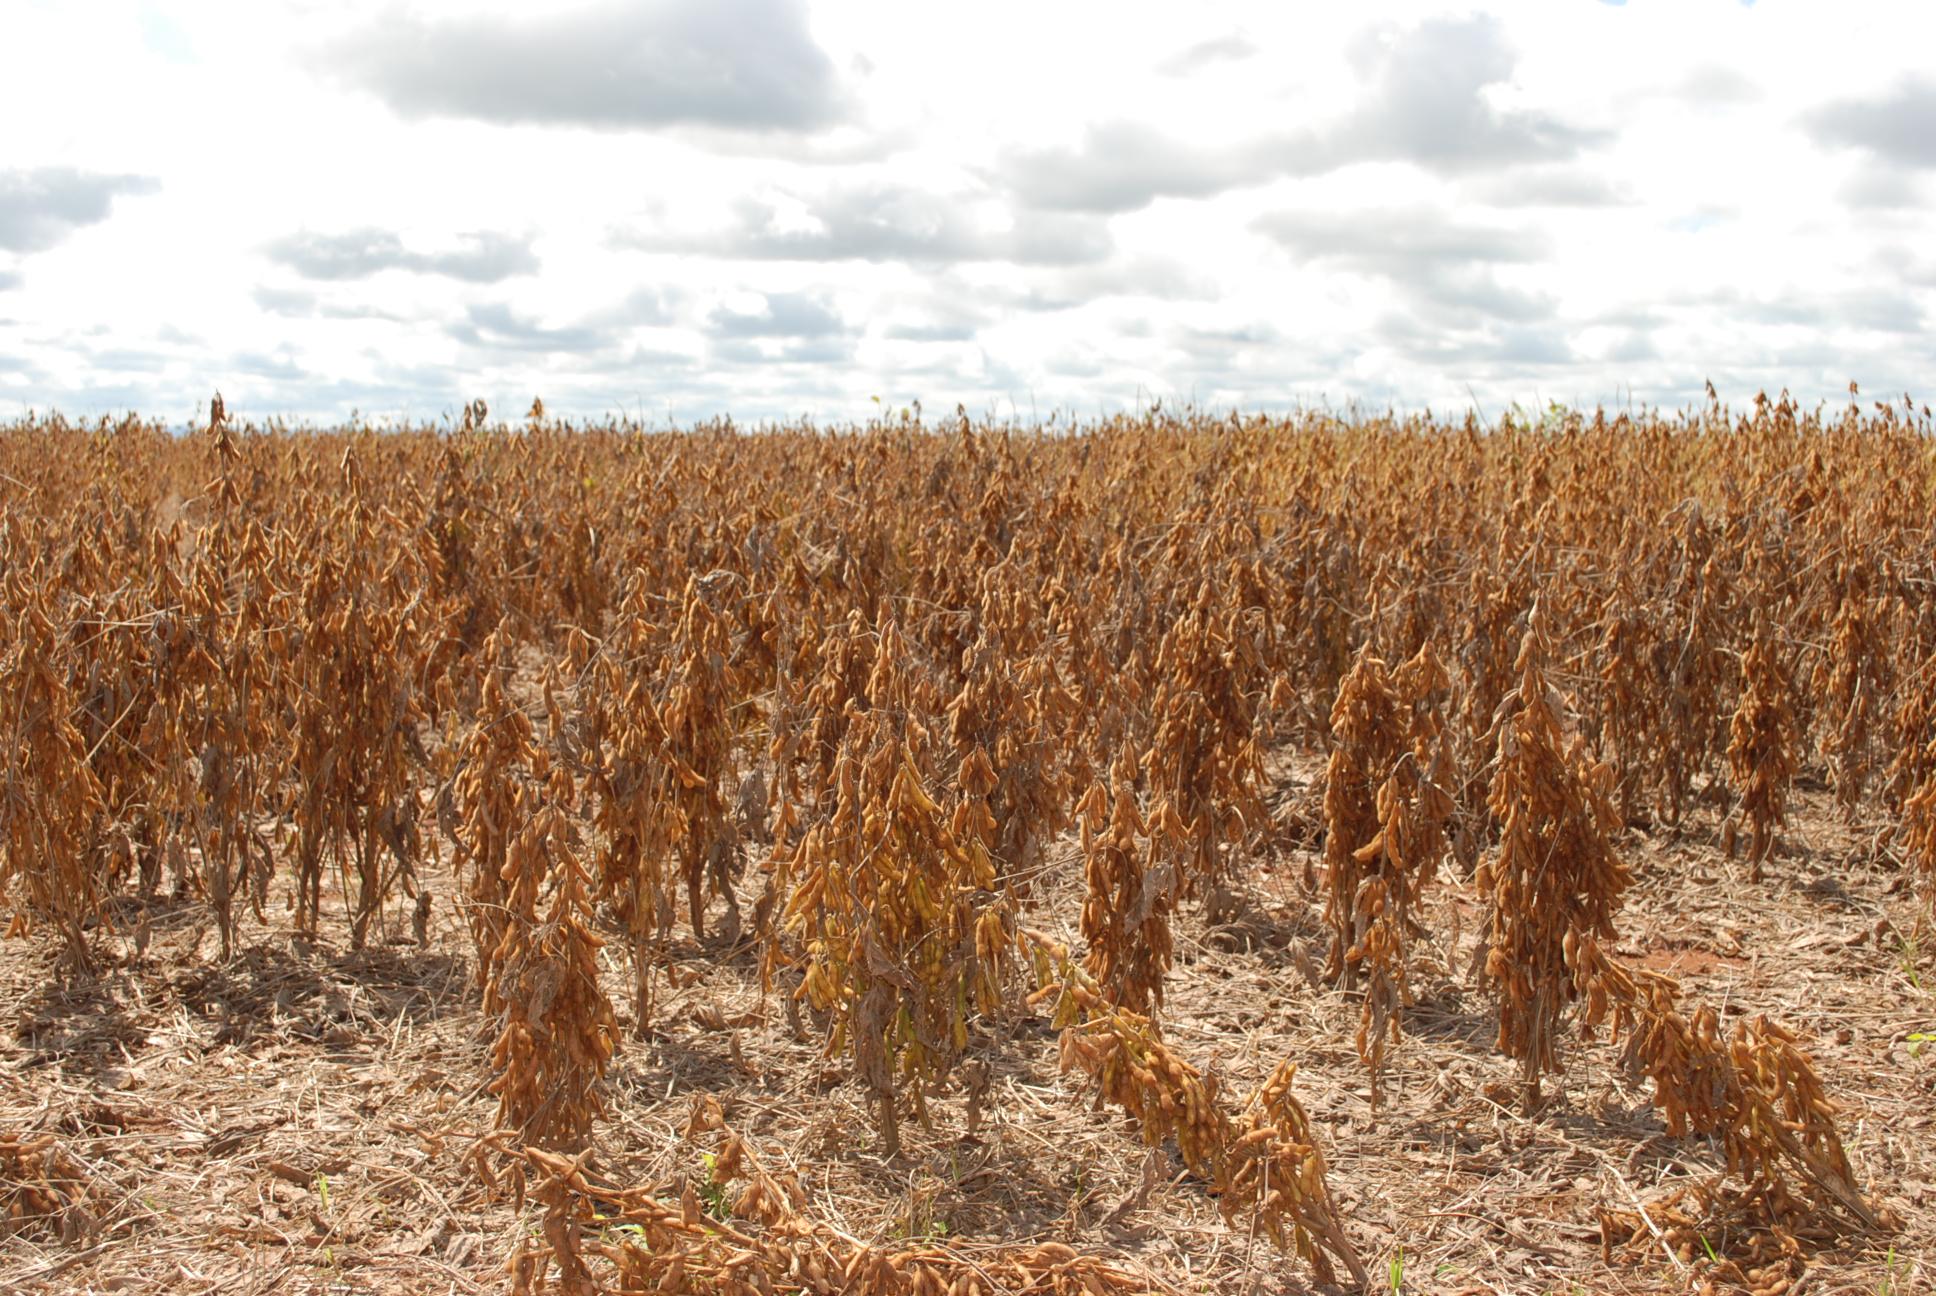 Adapec fiscalizará a comercialização e uso do herbicida paraquat que estará proibido a partir do próximo dia 22